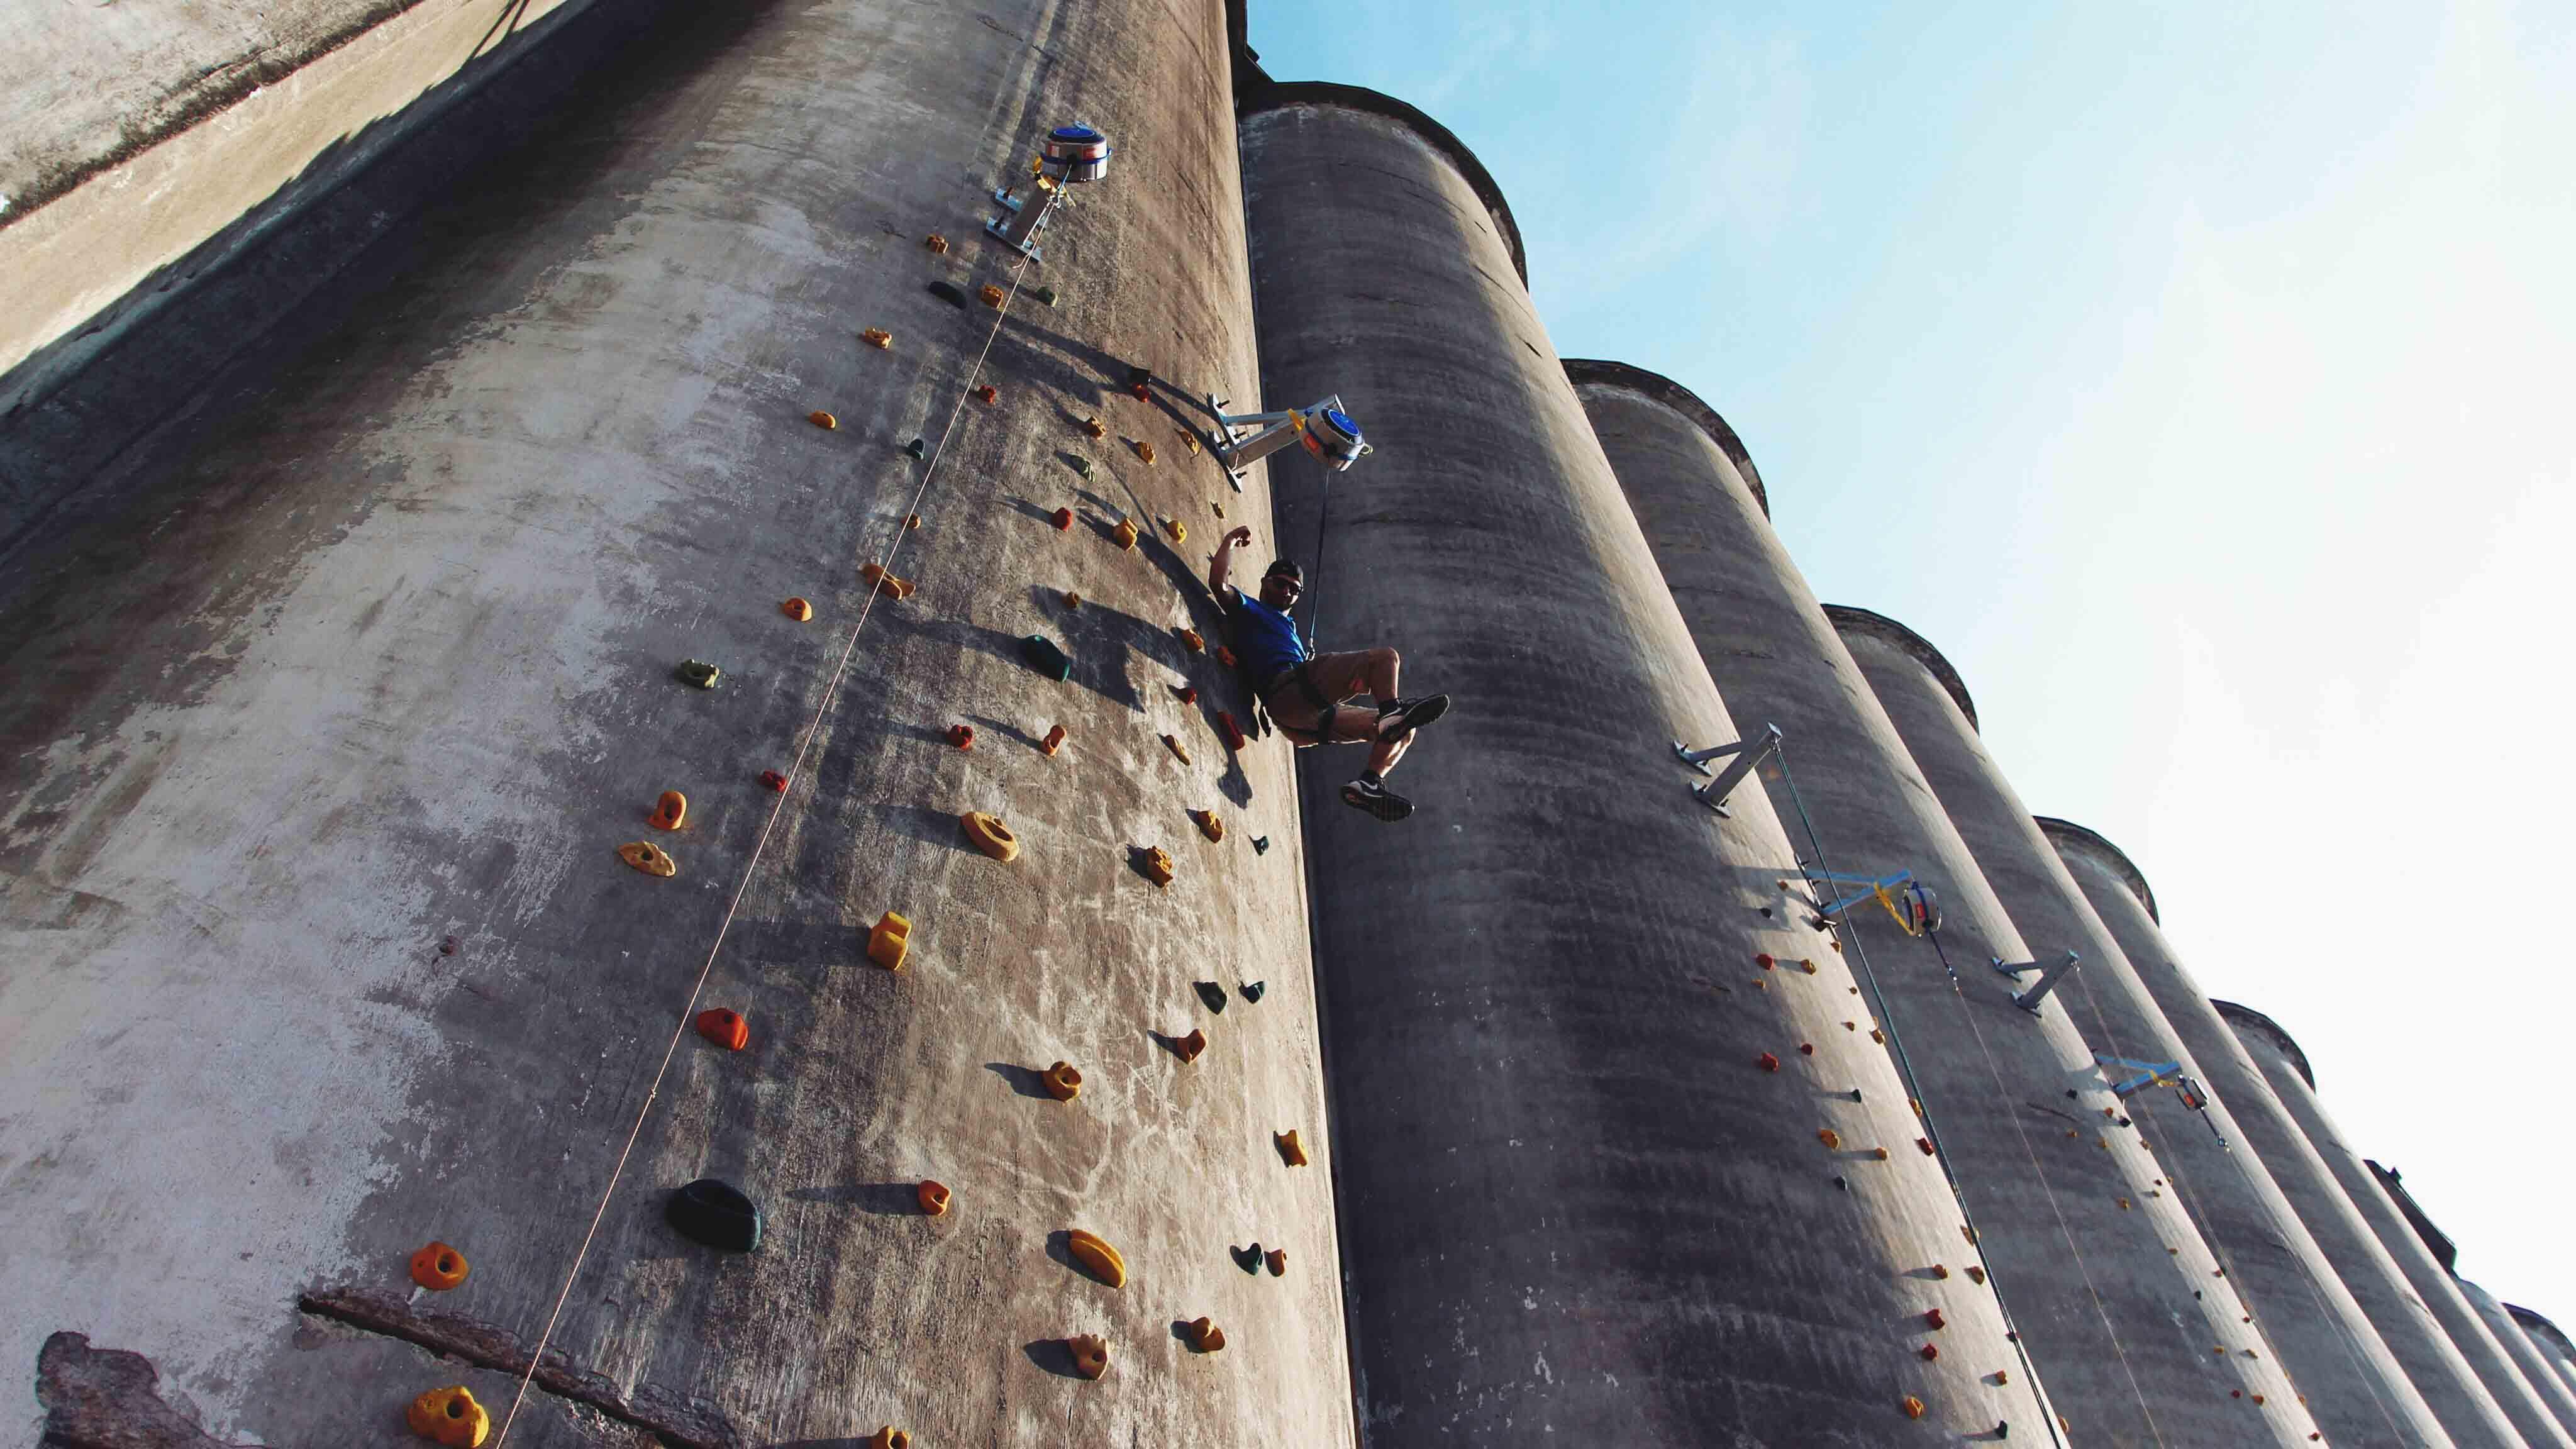 How To Climb The Wall Of A Grain Silo Visit Buffalo Niagara